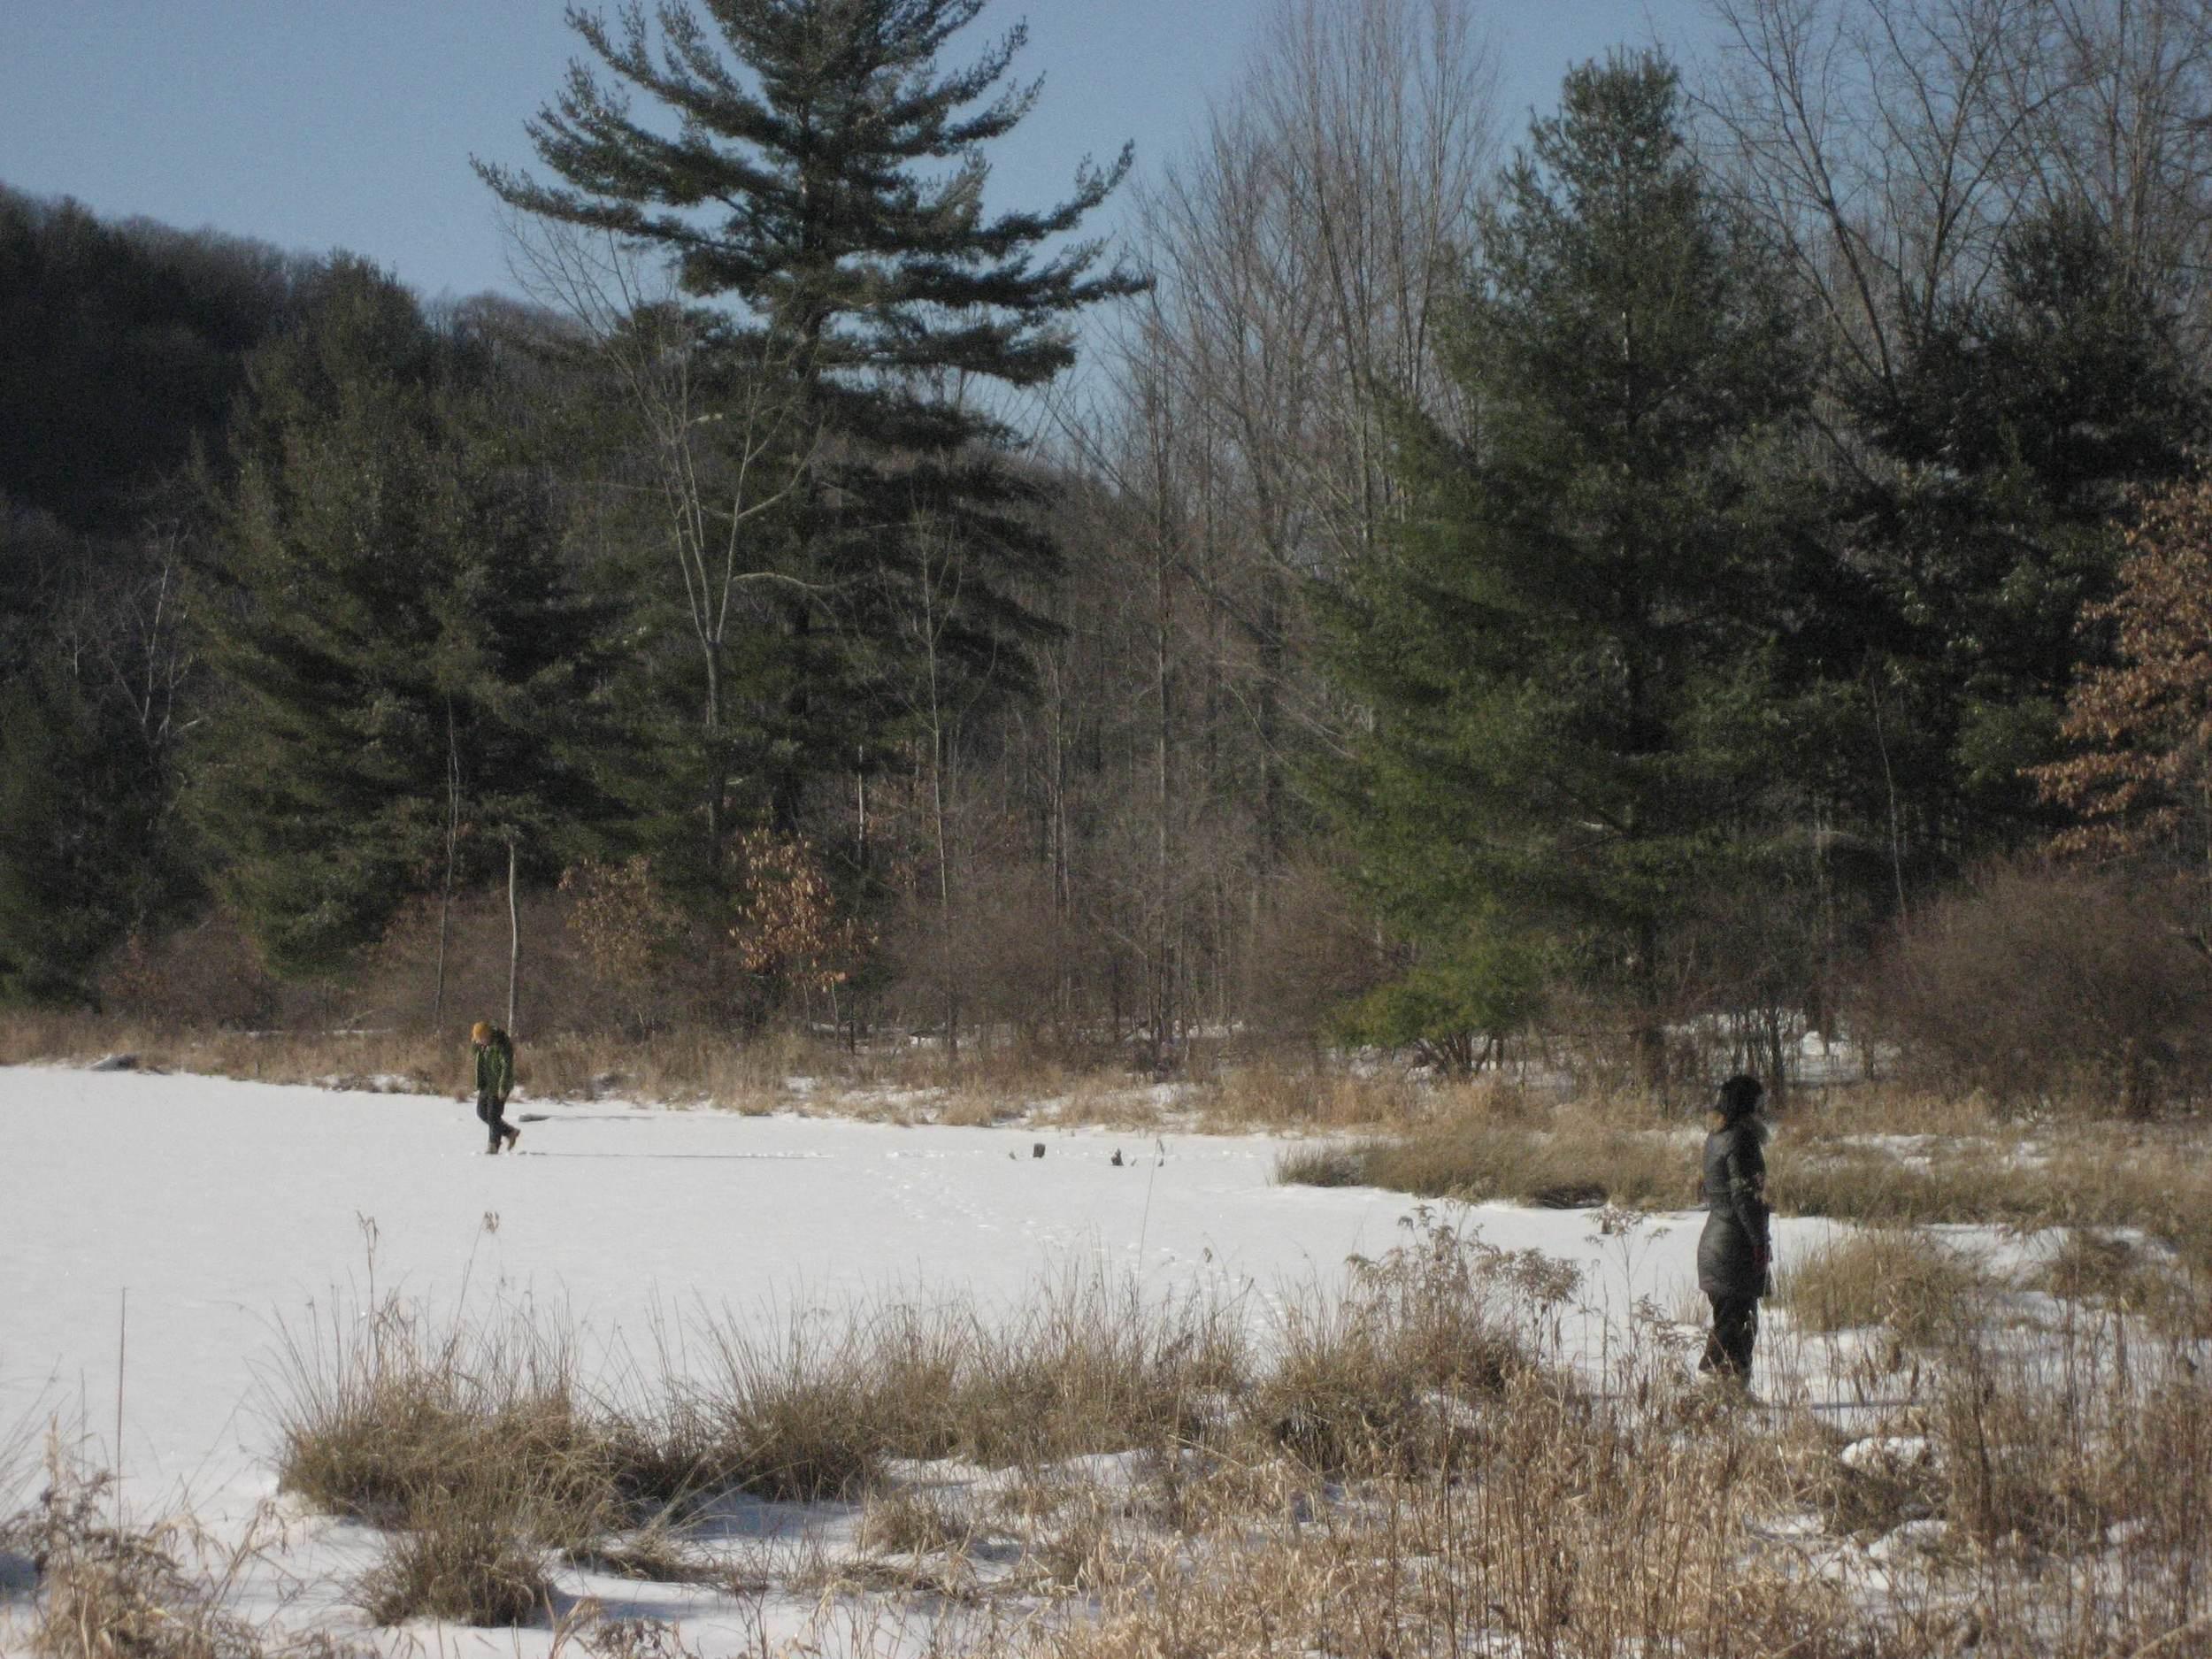 Nature Preserve, SUNY Binghamton, NY